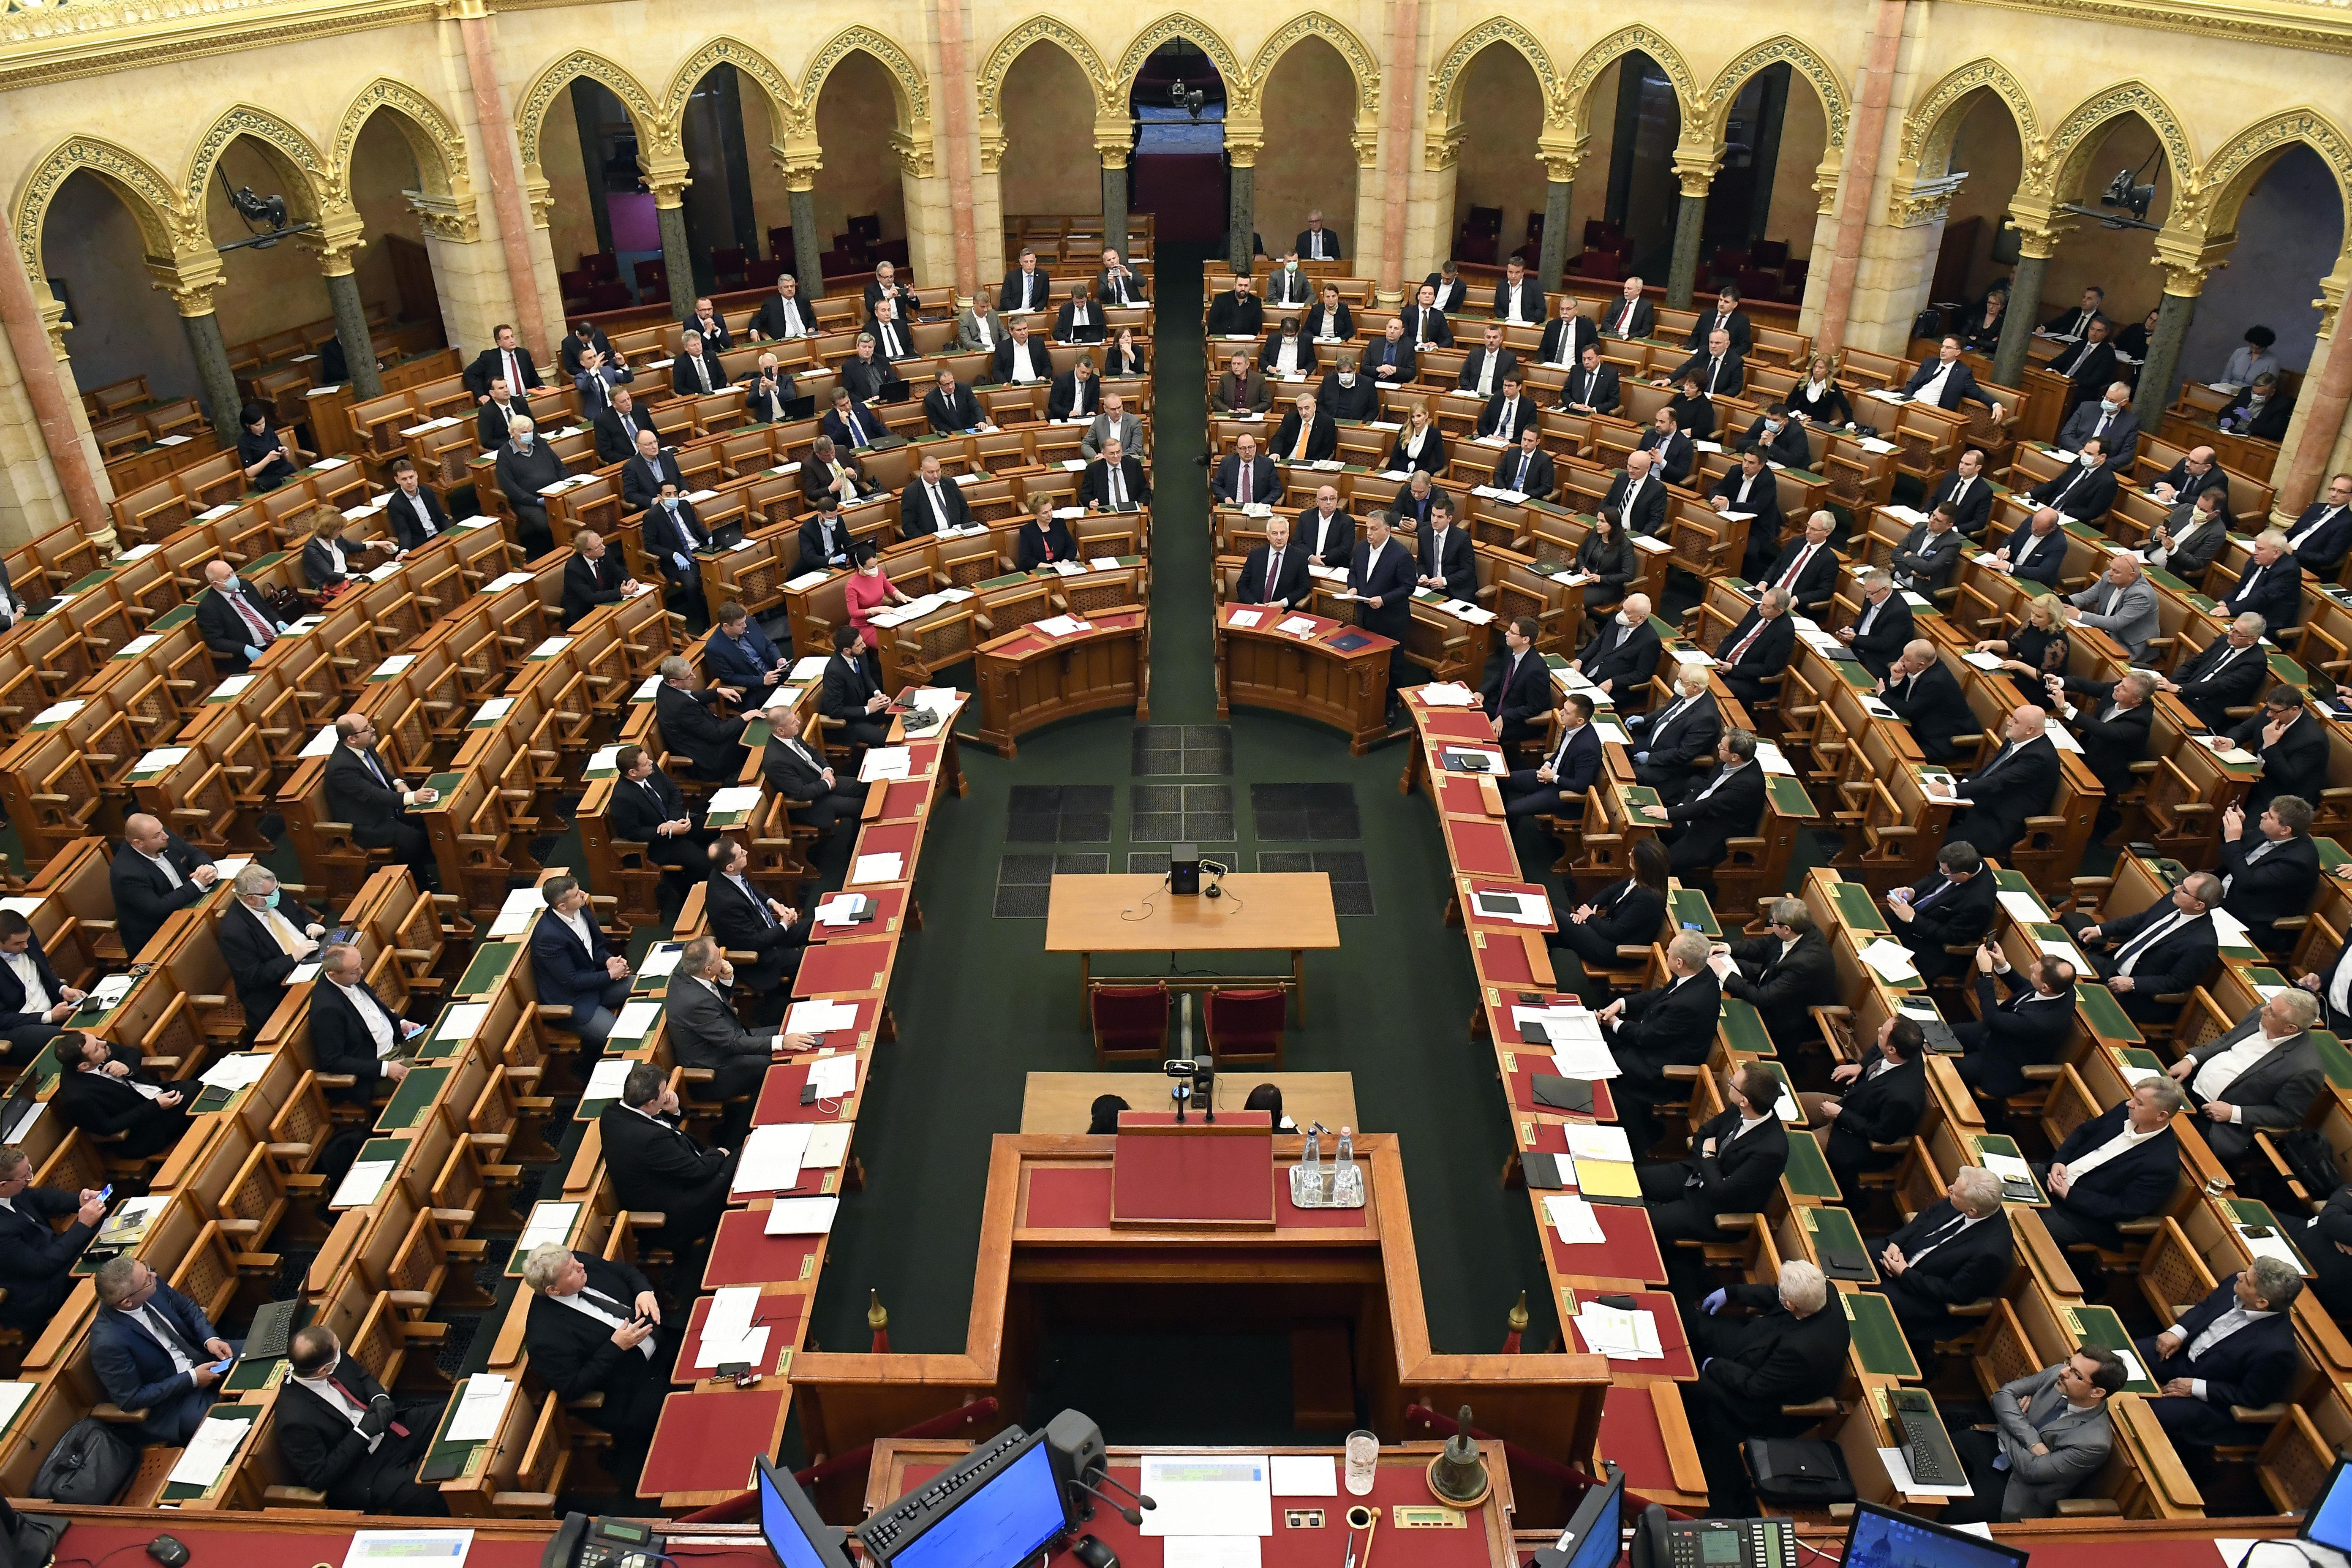 Wahlen-2022: Opposition stellt einen einzigen gemeinsamen Kandidaten gegen Fidesz in allen Wahlkreisen